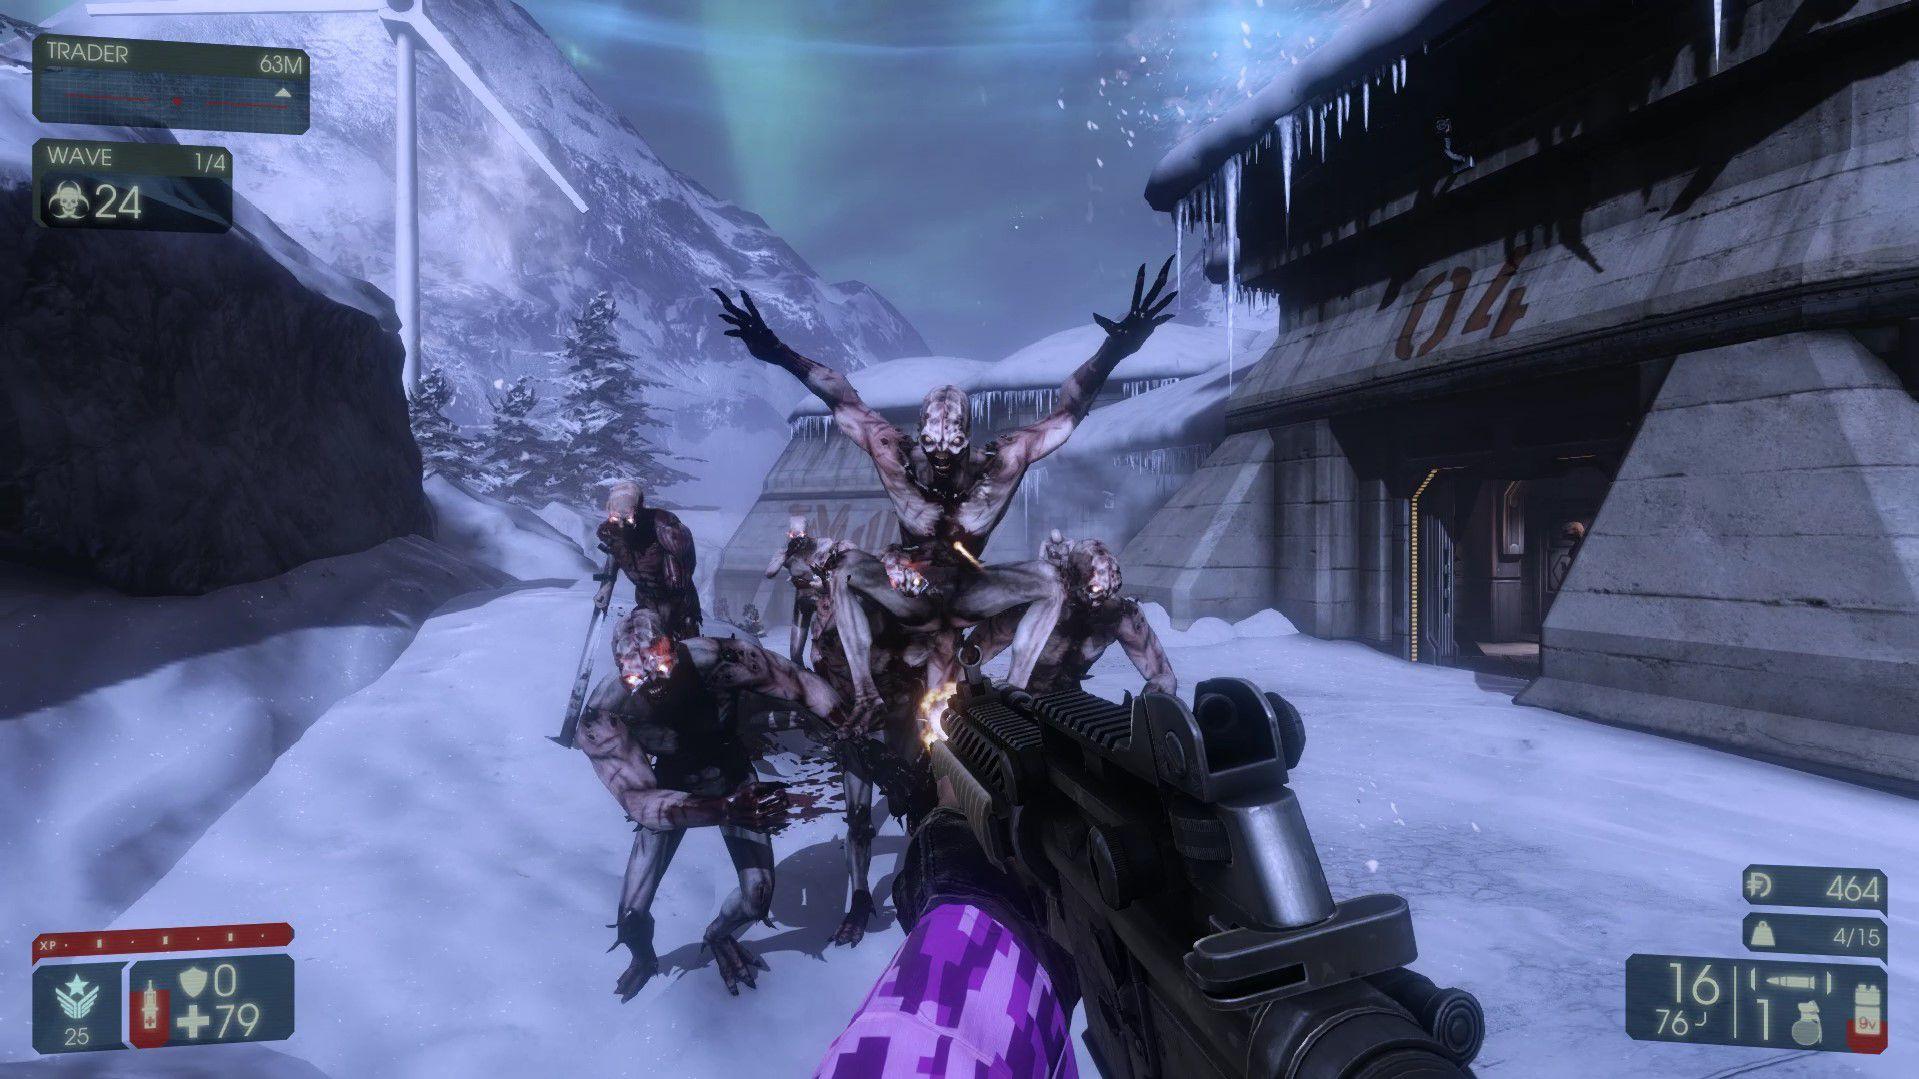 Killing Floor 2, Wave-Based Co-Op FPS